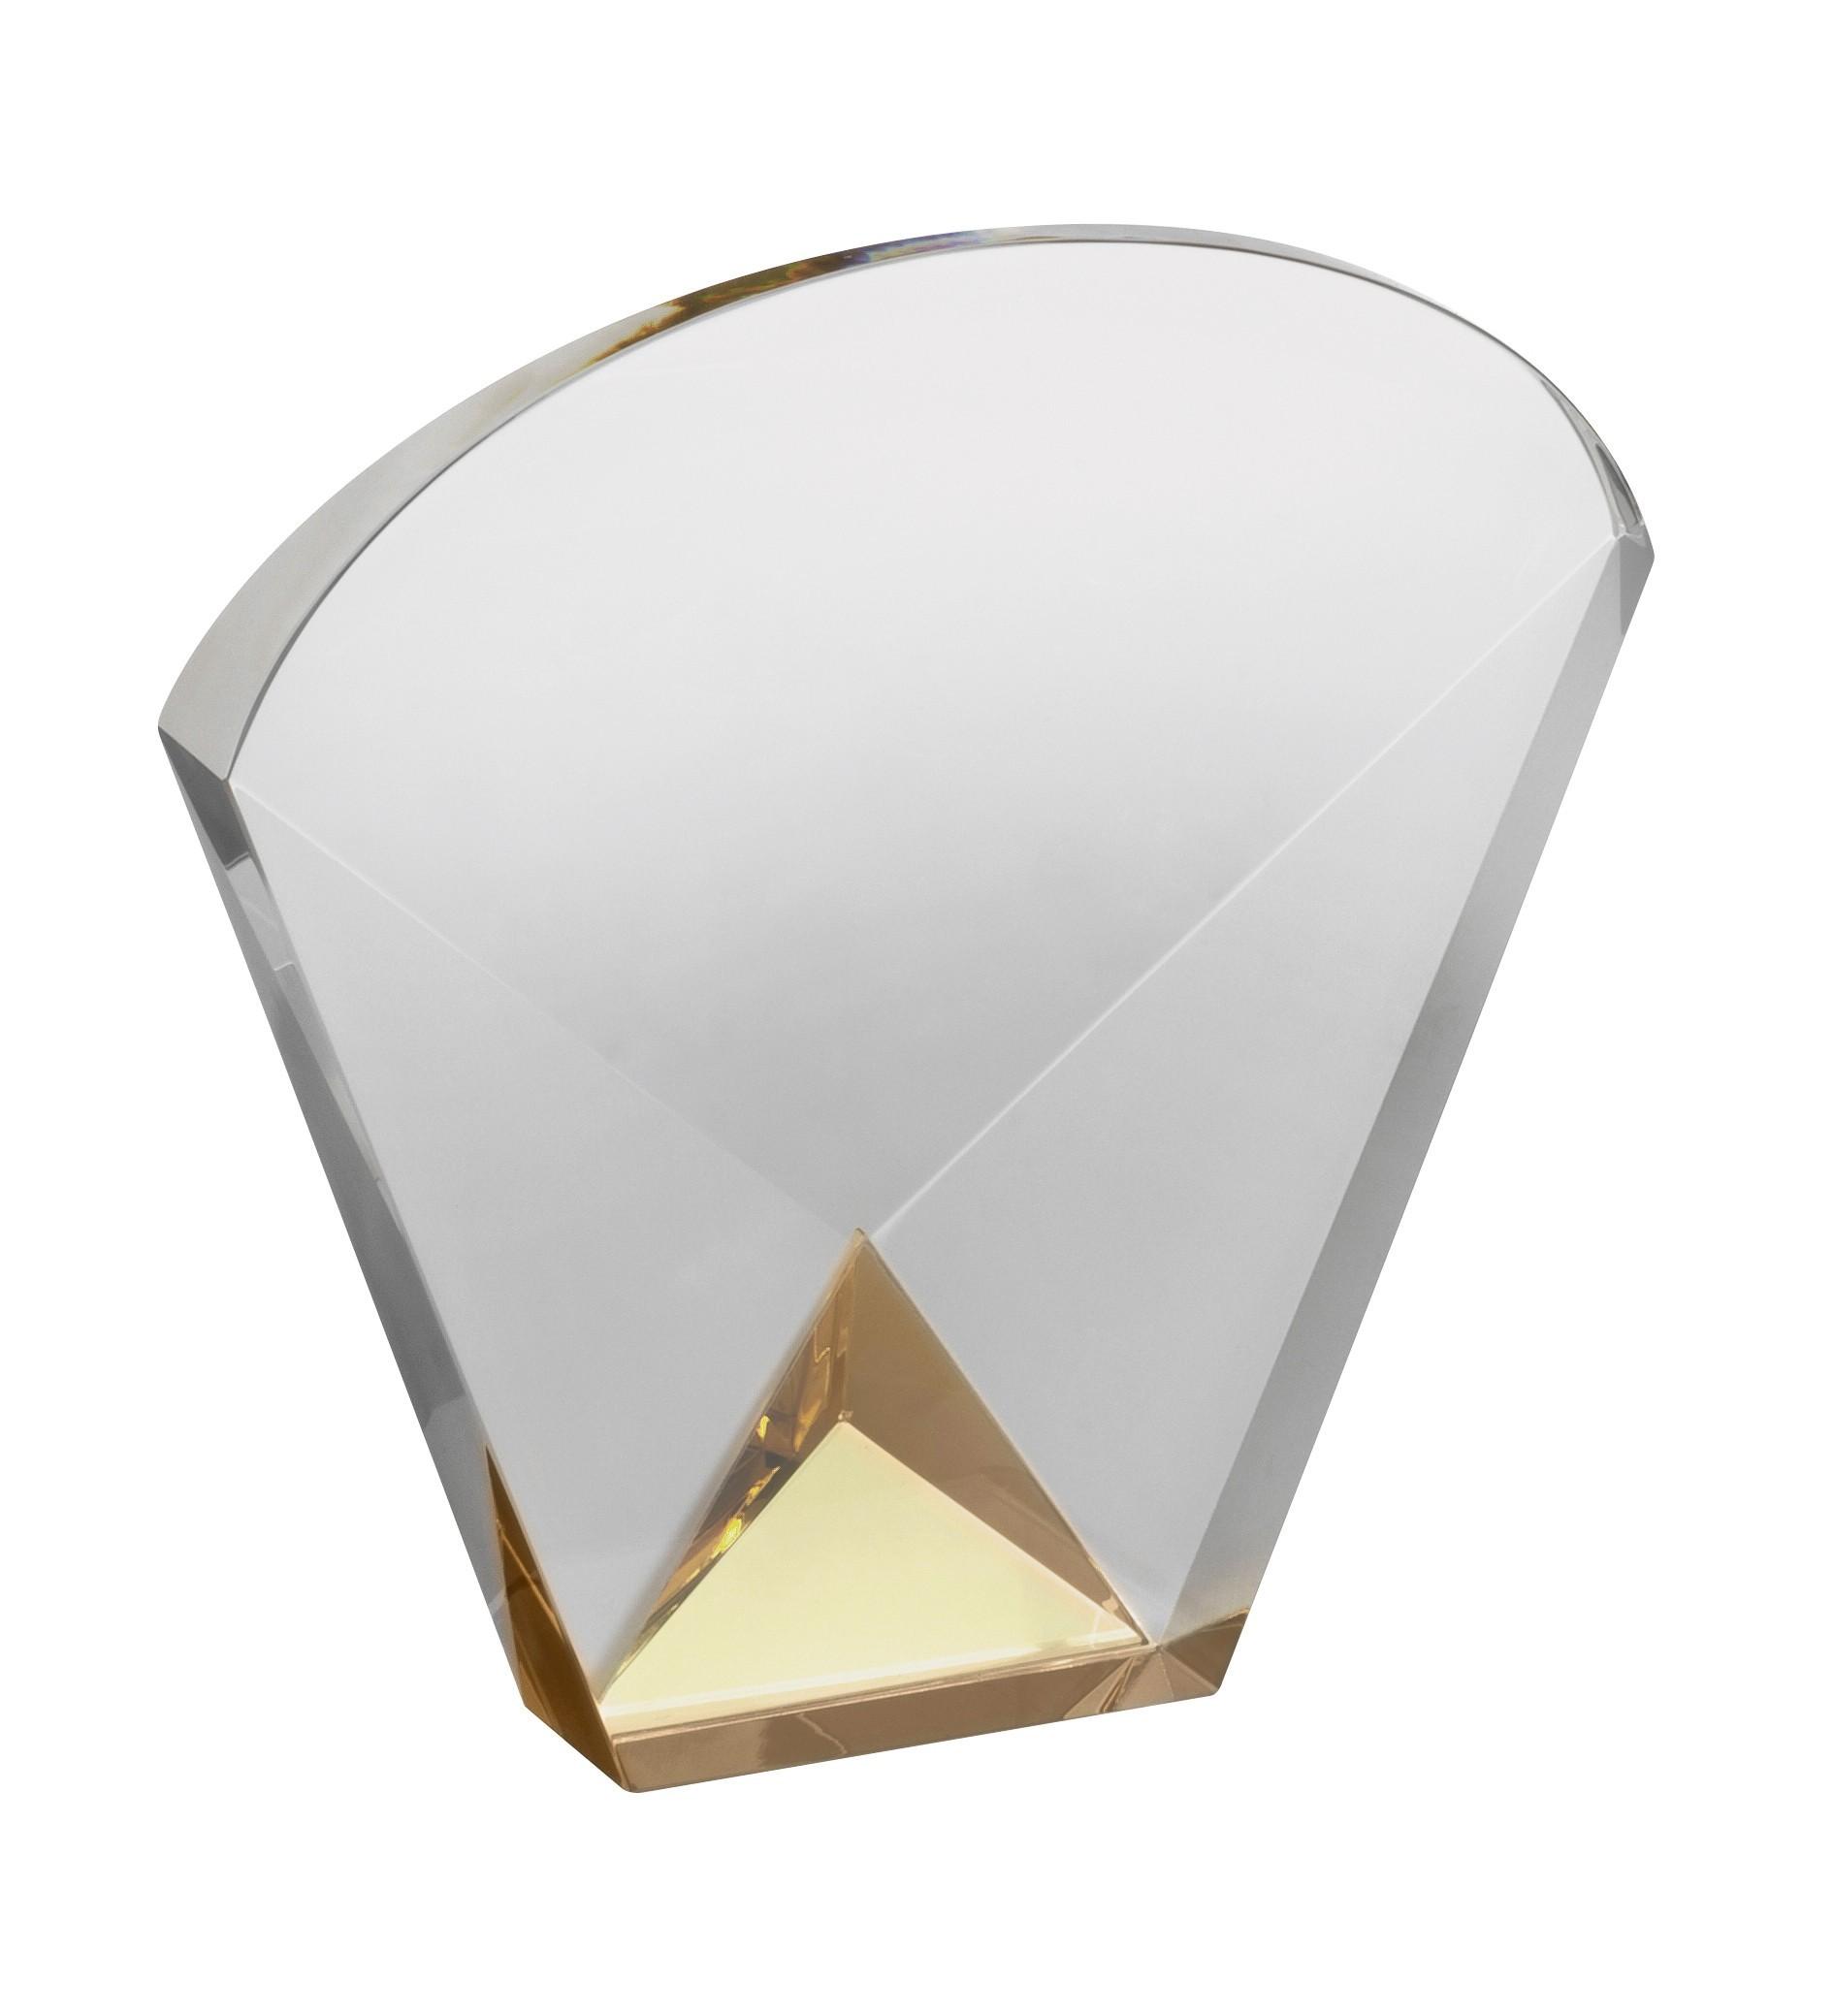 LG 15.5cm Crystal Award Boxed